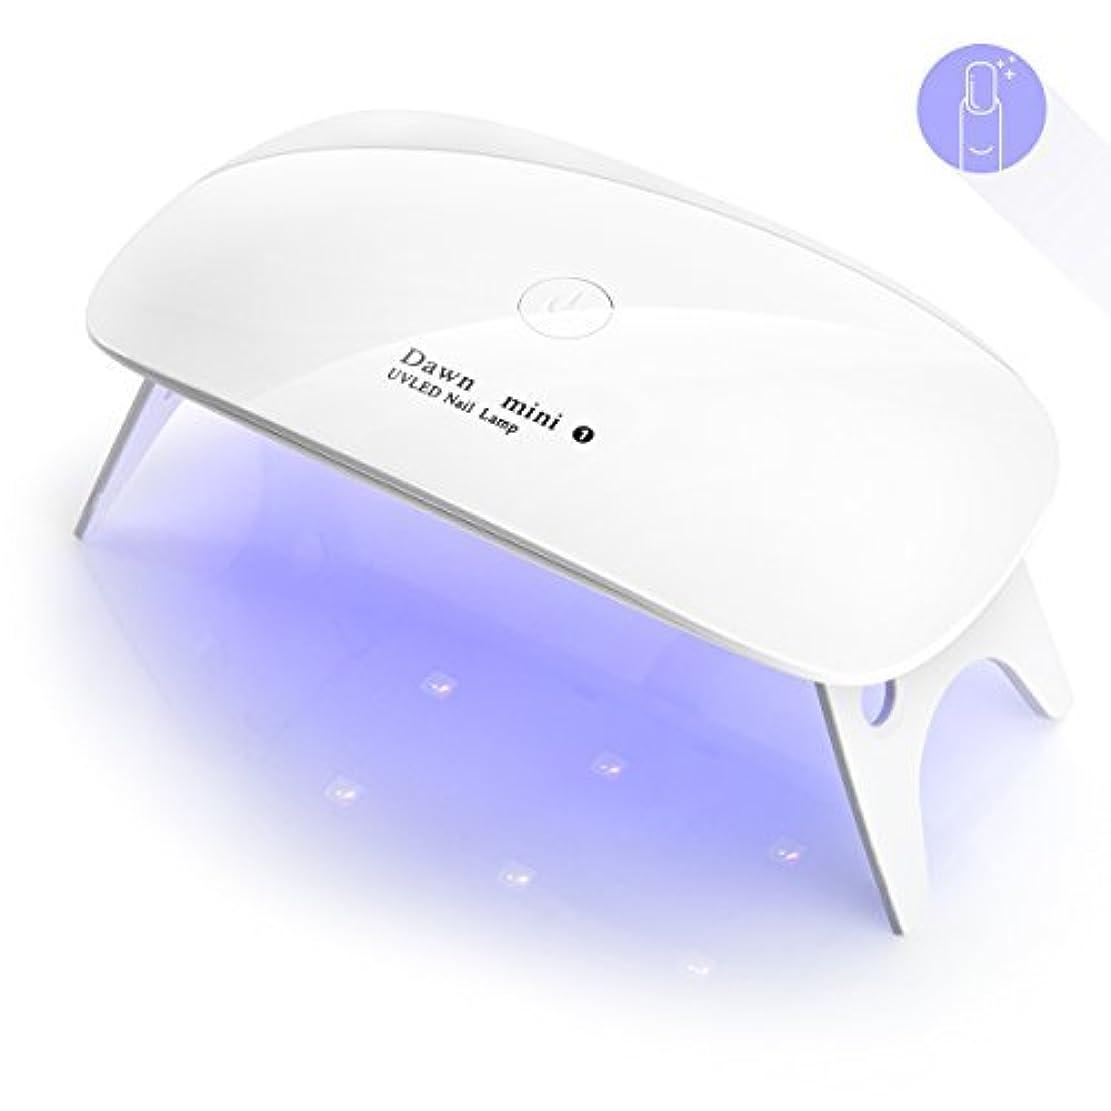 上へ戸口モックBeito LEDネイルドライヤー UVライト タイマー設定可能 折りたたみ式手足とも使える 人感センサー式 LED 硬化ライト UV と LEDダブルライト ジェルネイル用